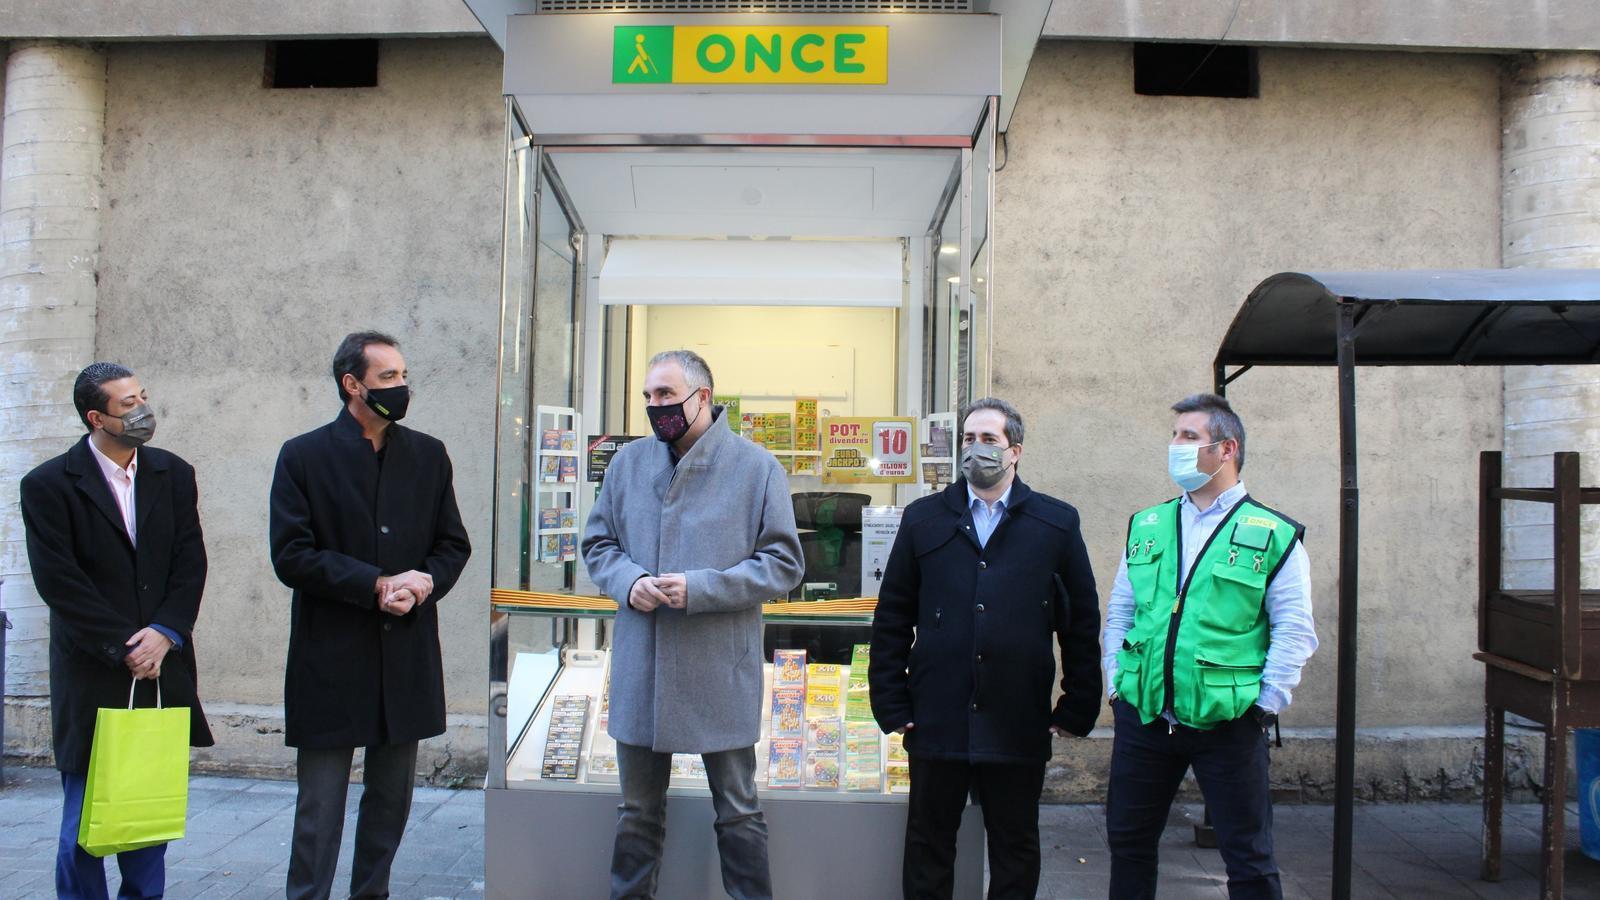 L'ONCE presenta a la Seu d'Urgell el seu nou model de quiosc. / ONCE